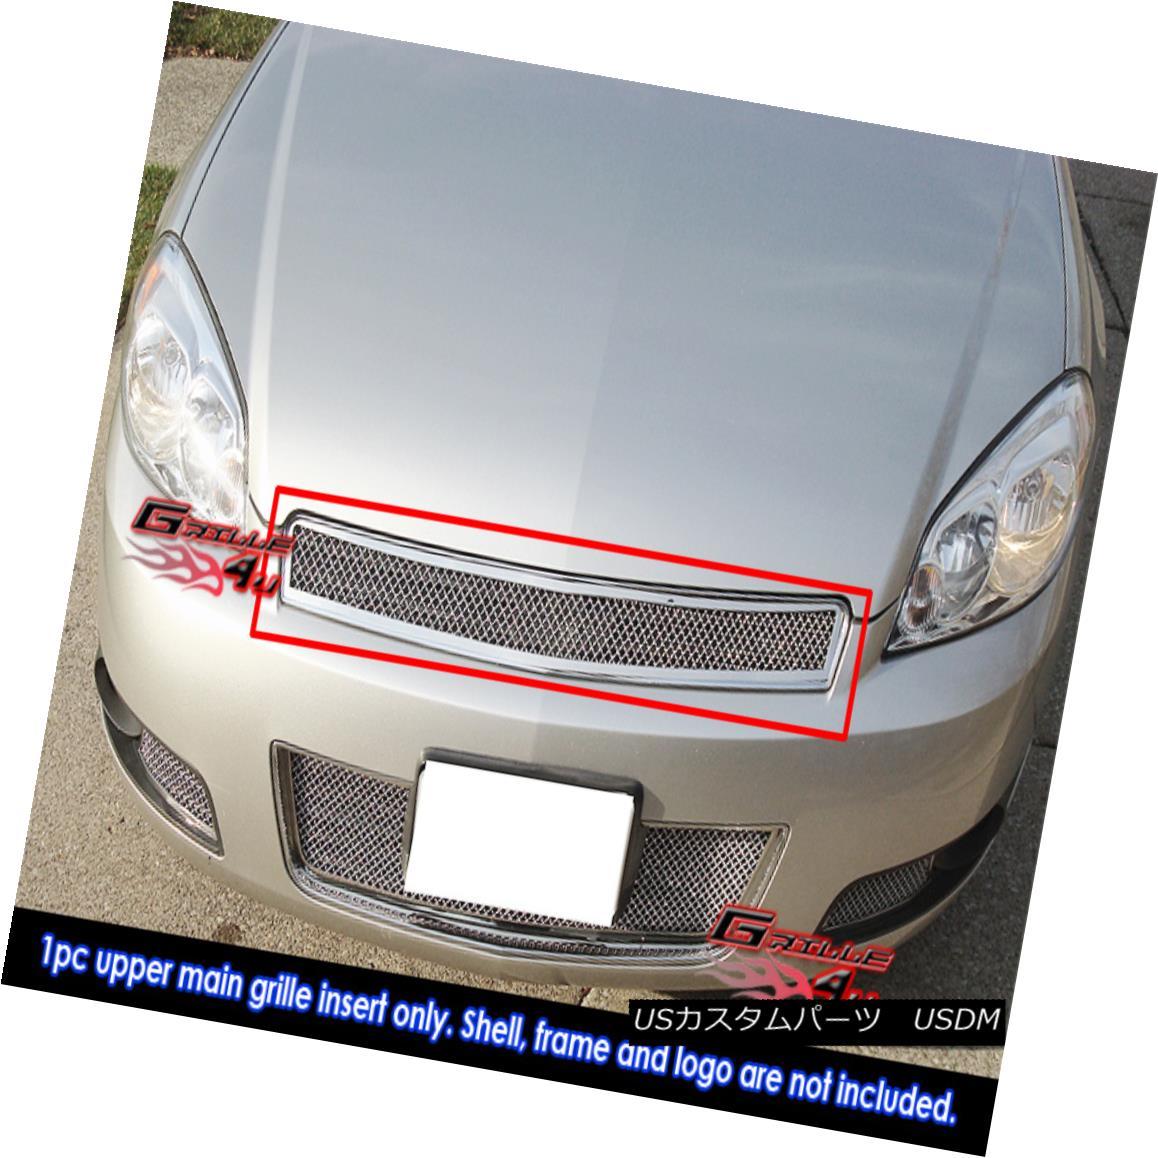 グリル Fits 2006-2013 Chevy Impala/2006-2007 Monte Carlo Mesh Grille Grill Insert 2006-2013シボレーインパラ/ 2006-20 07モンテカルロメッシュグリルグリルインサート